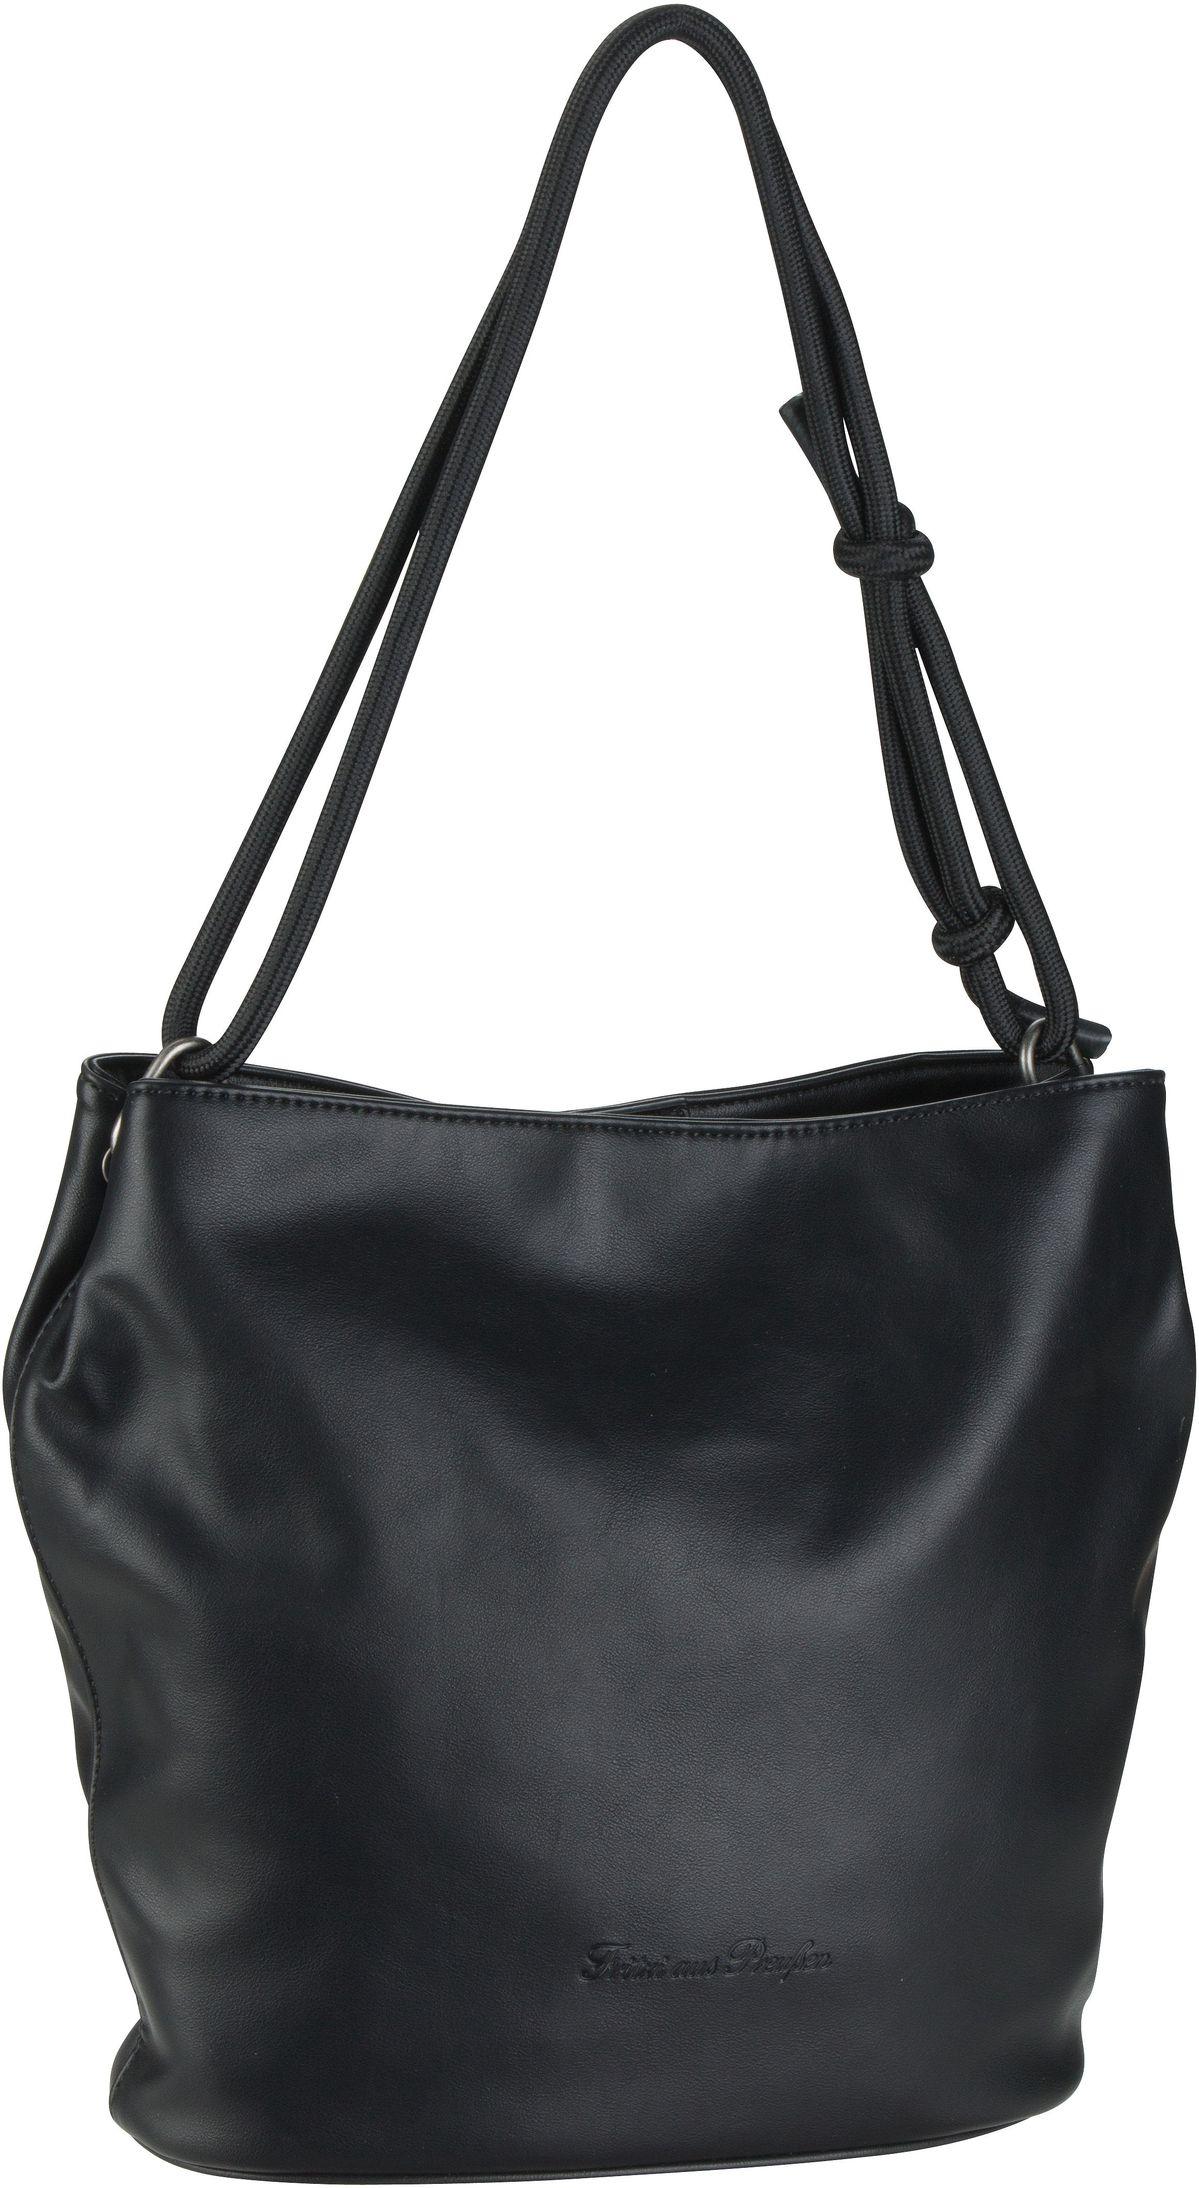 Handtasche Elma Vacchetta Black